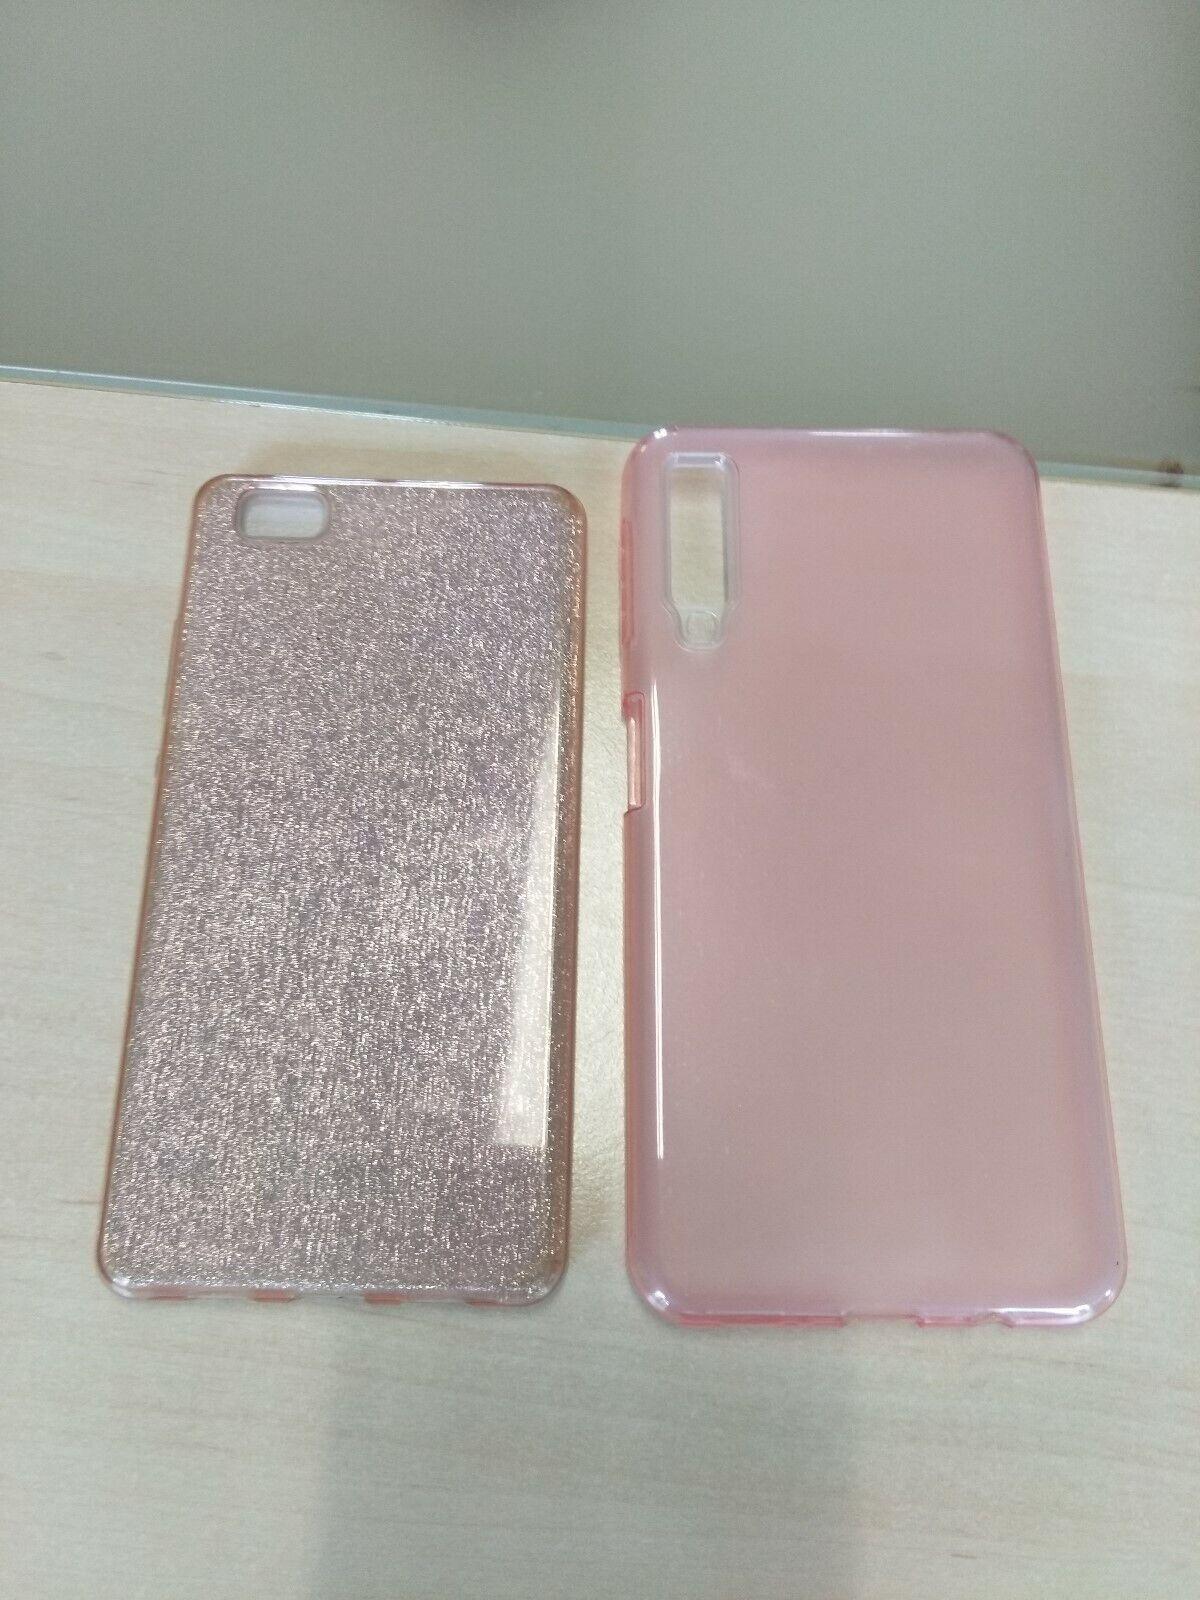 Lot de 2 coques pour smartphone rose